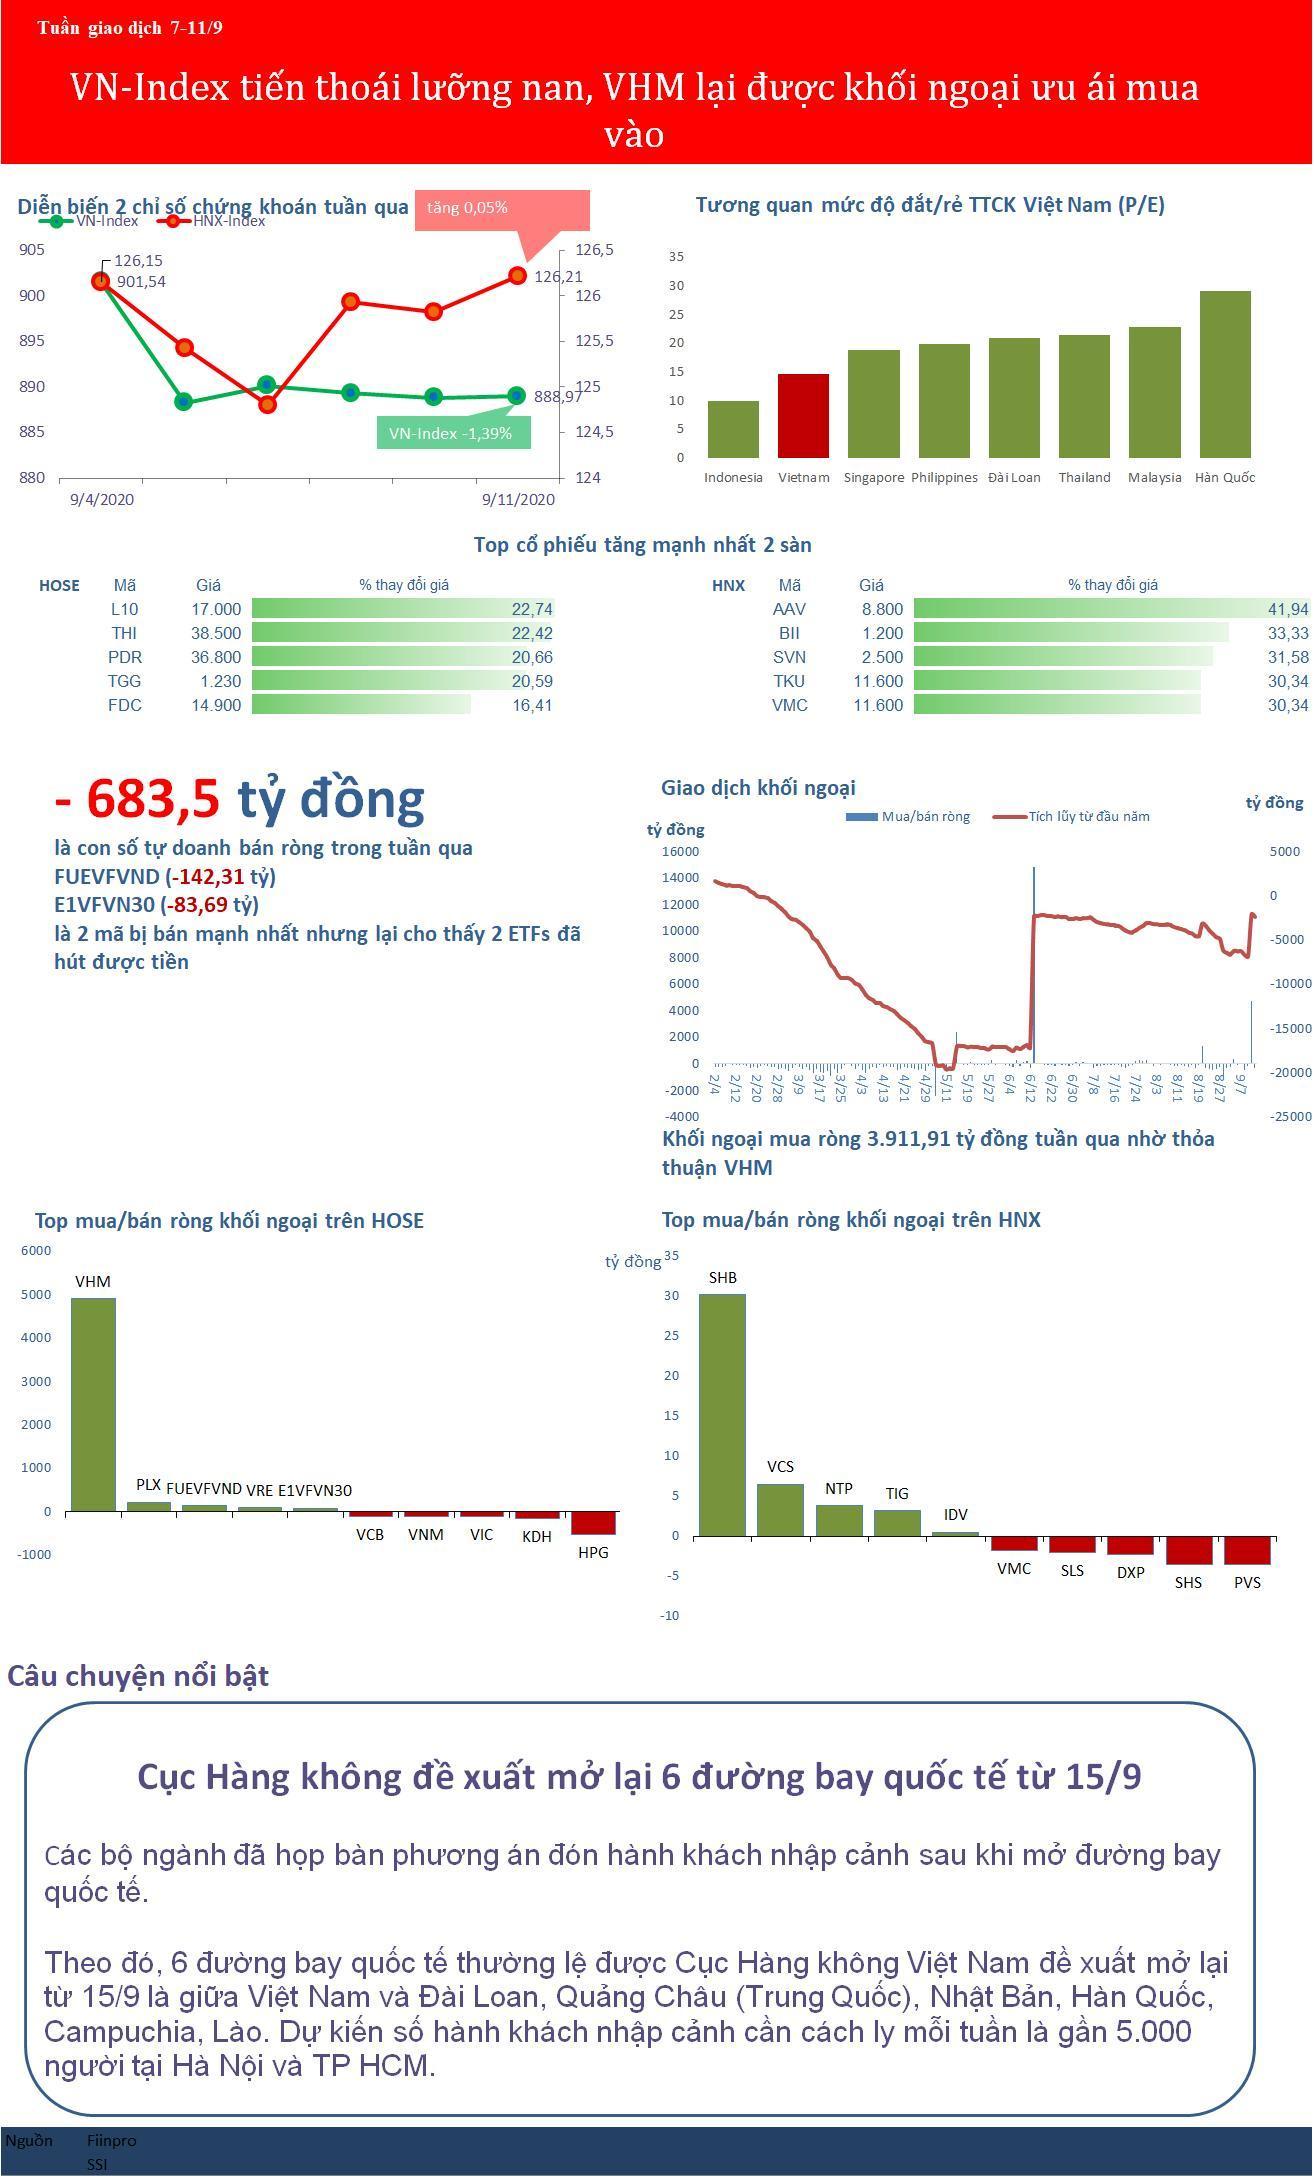 VN-Index tiến thoái lưỡng nan ở sát 890 điểm, VHM lại được khối ngoại ưu ái tuần qua Ảnh 1